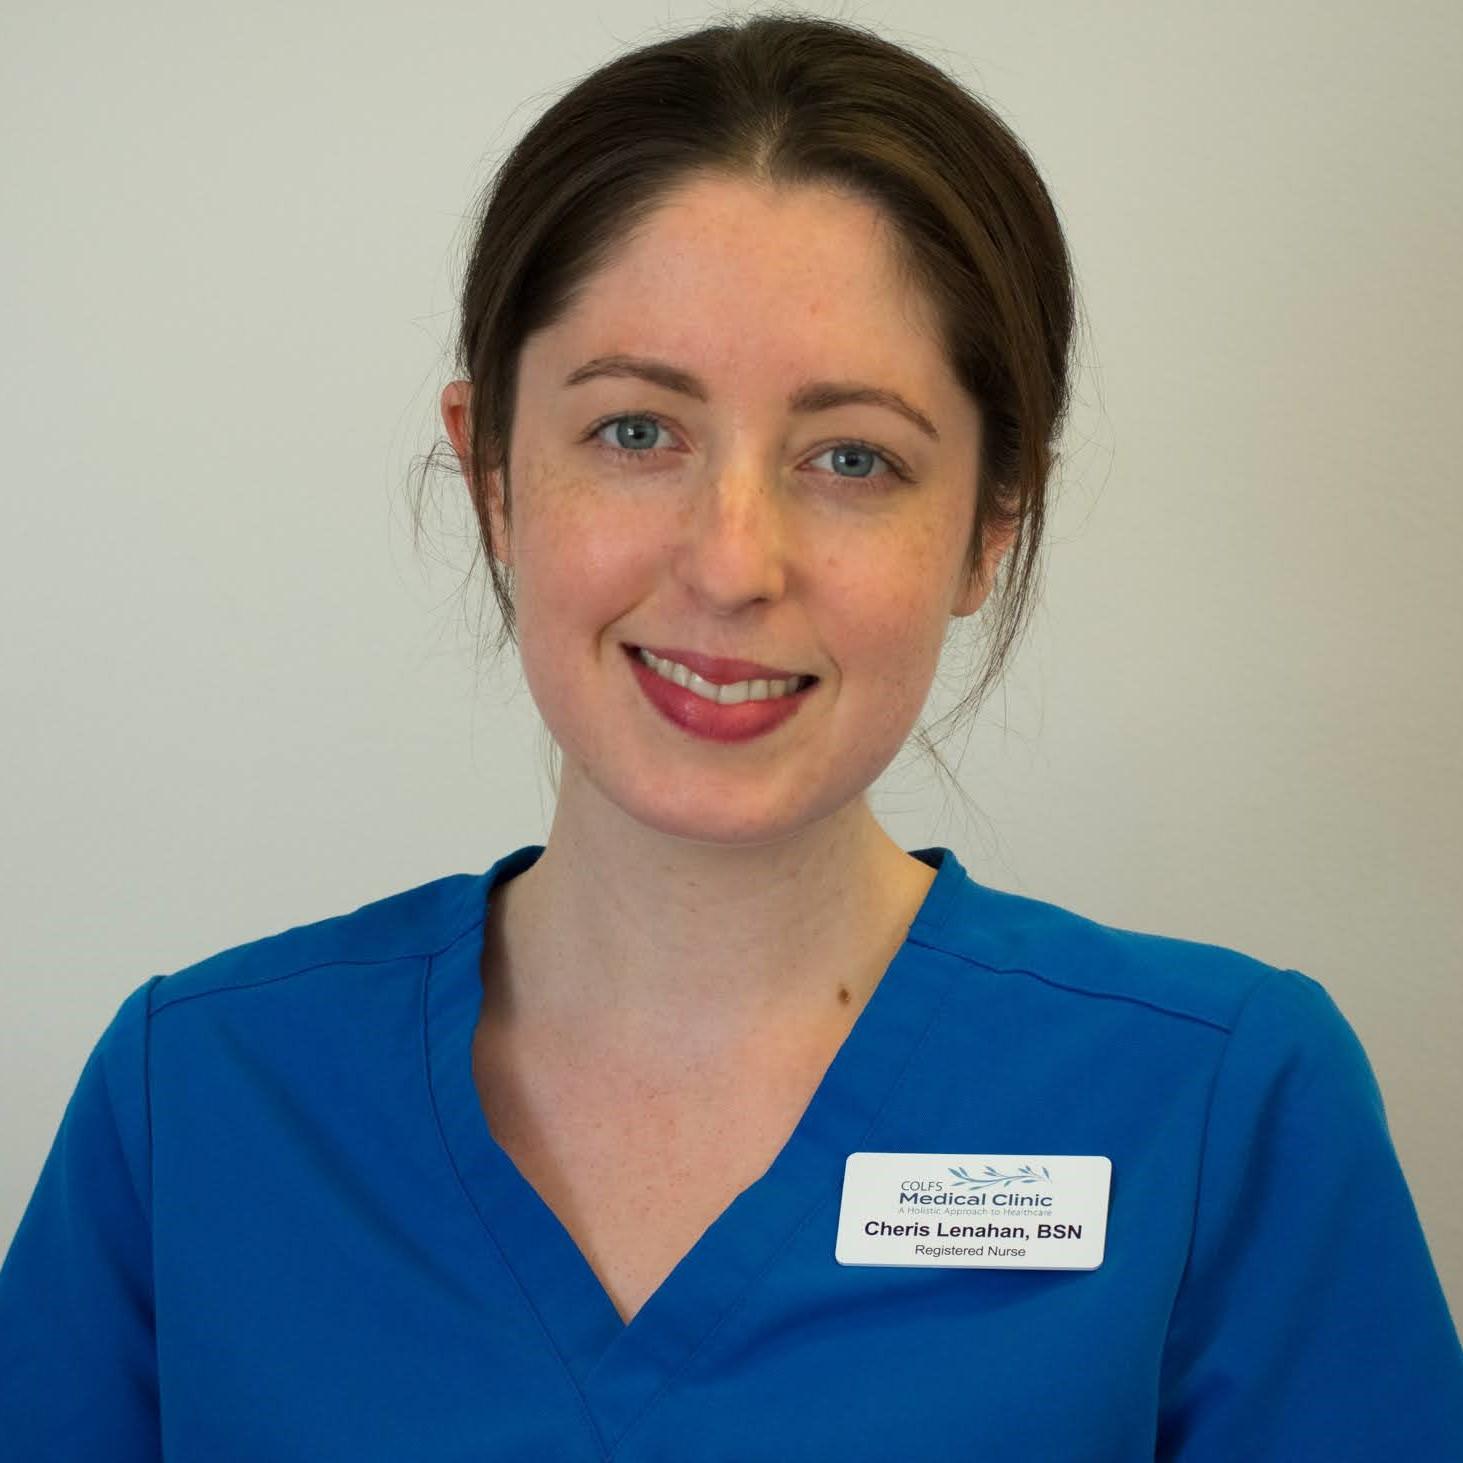 Cheris Lenahan, RN